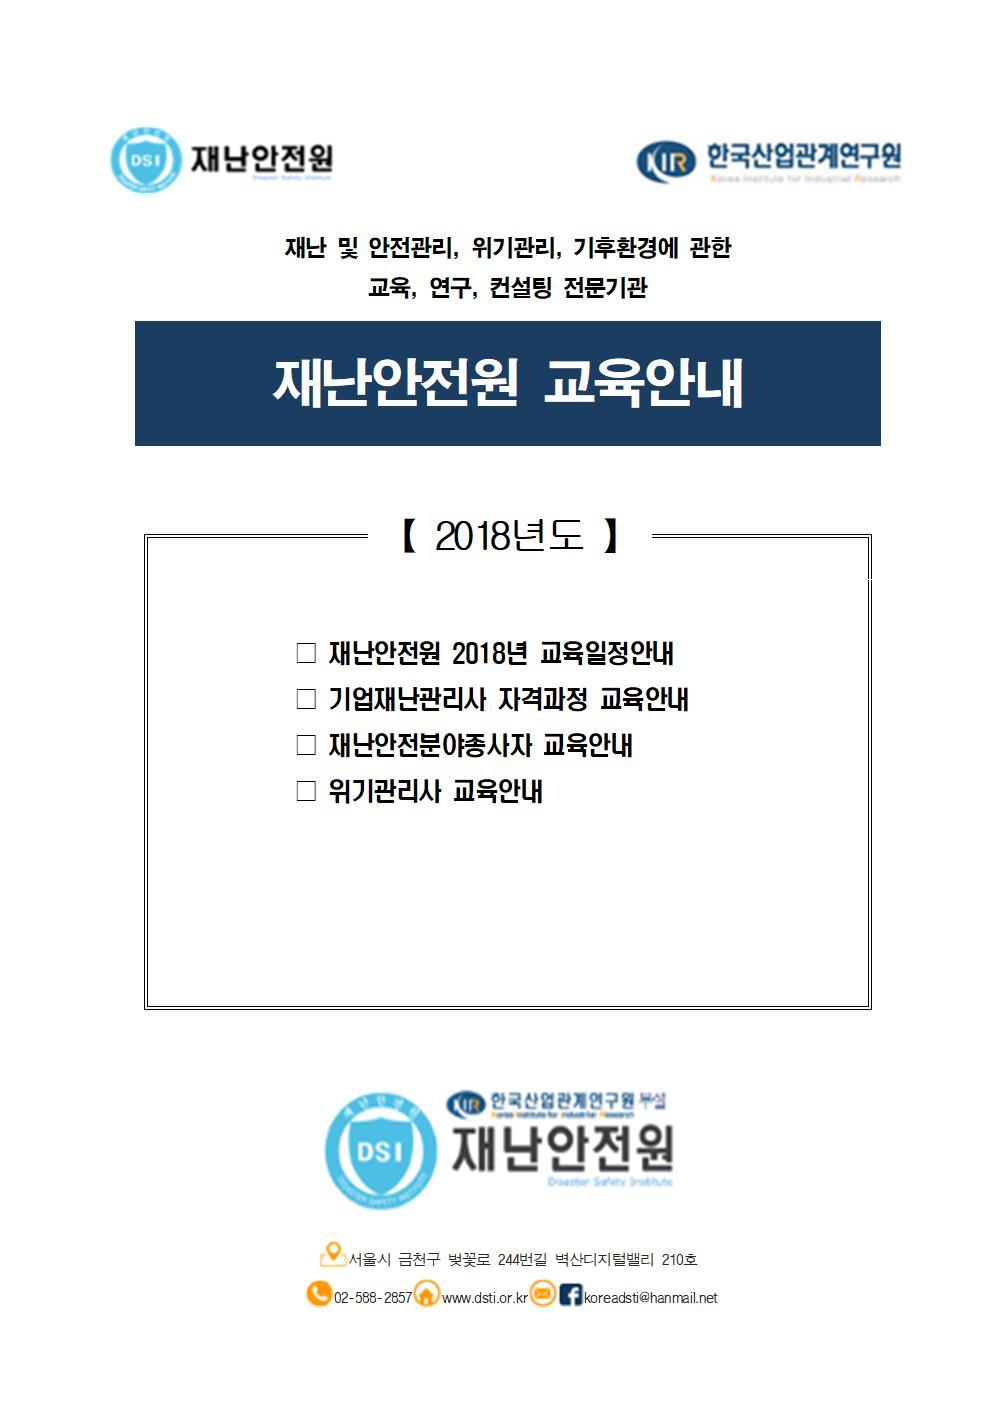 180326_ 2018년 재난안전원 교육안내(계획)001.jpg